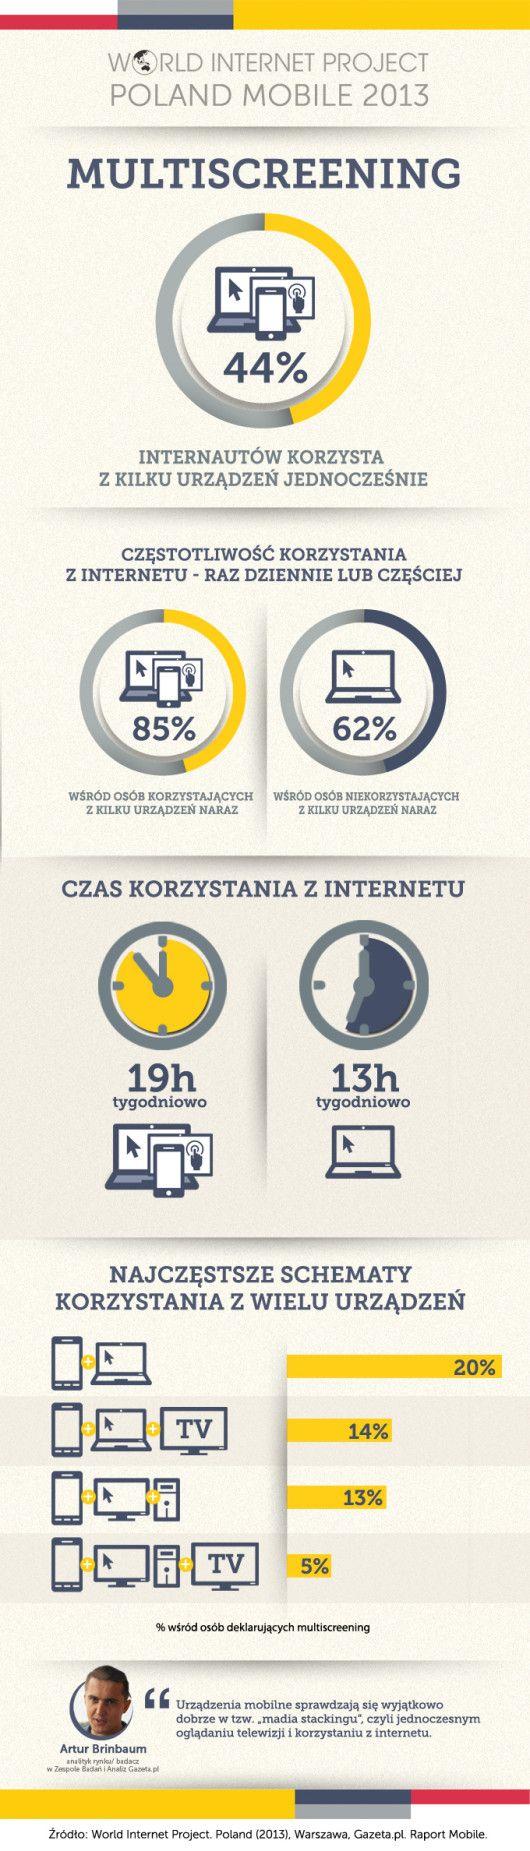 Kim są użytkownicy mobilni i jak korzystają z telefonów? - raport WIP Mobile 2013 - NowyMarketing - Where's the beef?